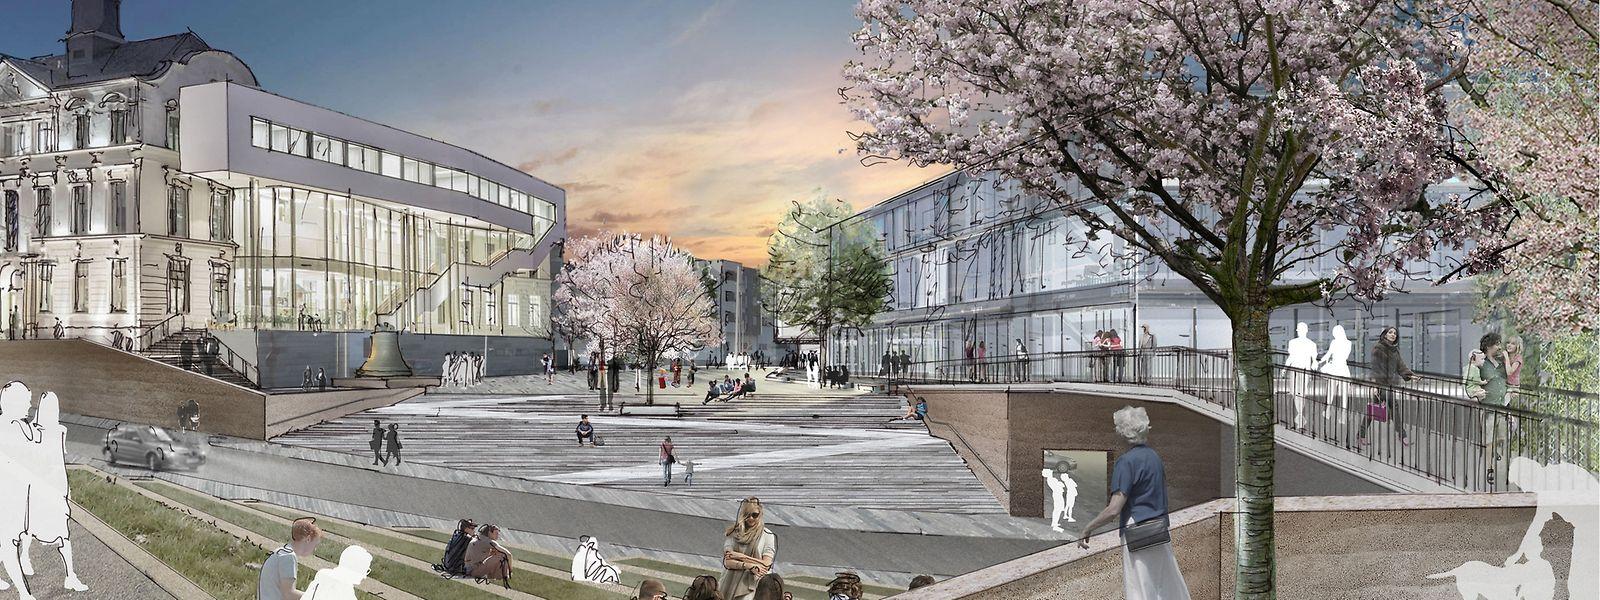 So oder so ähnlich hätte der Platz Nelson Mandela neben dem Aalt Stadhaus, samt Tiefgarage, umgebaut werden sollen. Das Projekt wird aber aus finanziellen Gründen verschoben. Grafik: Latz und Partner